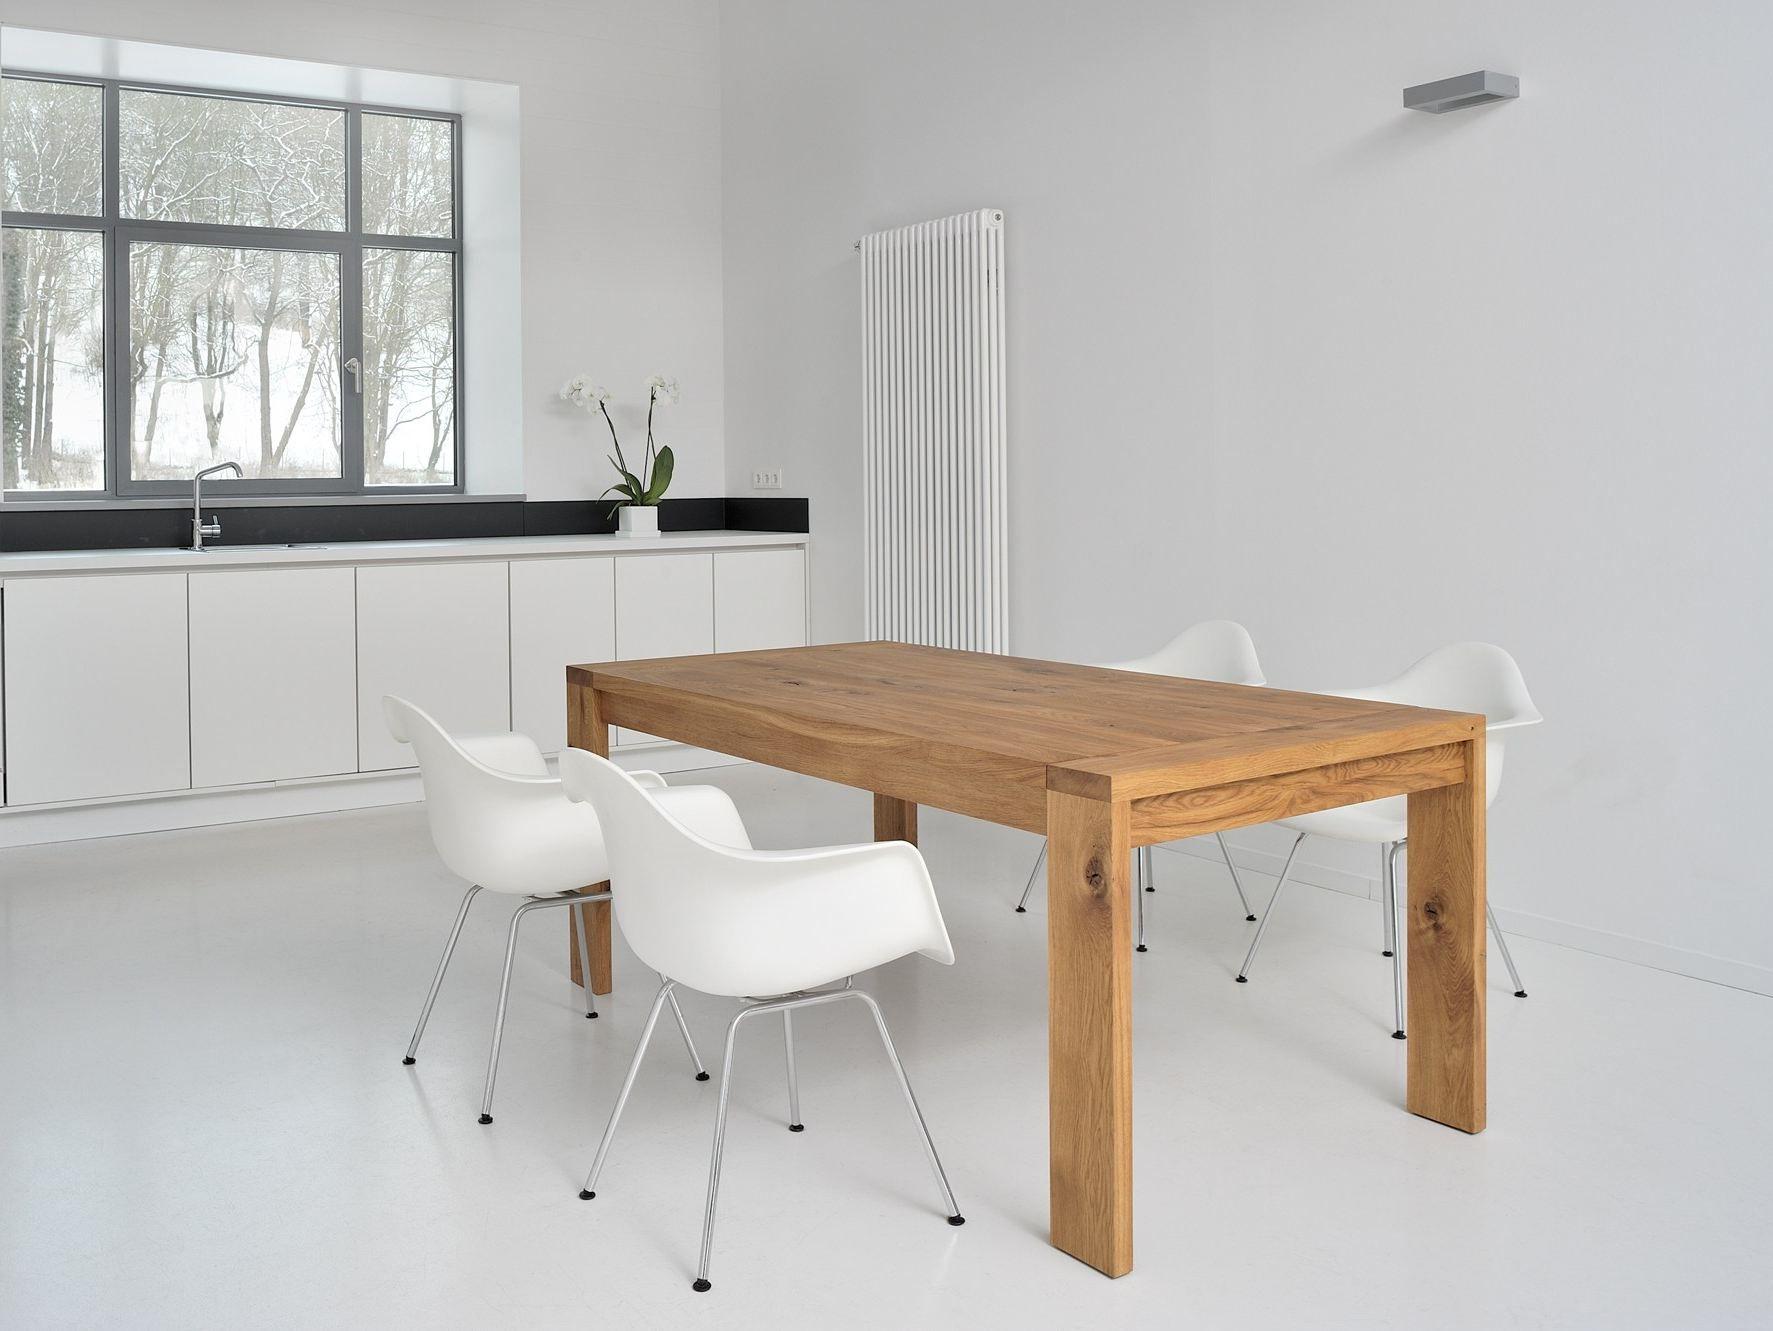 tavolo allungabile in legno massello lungo by vitamin